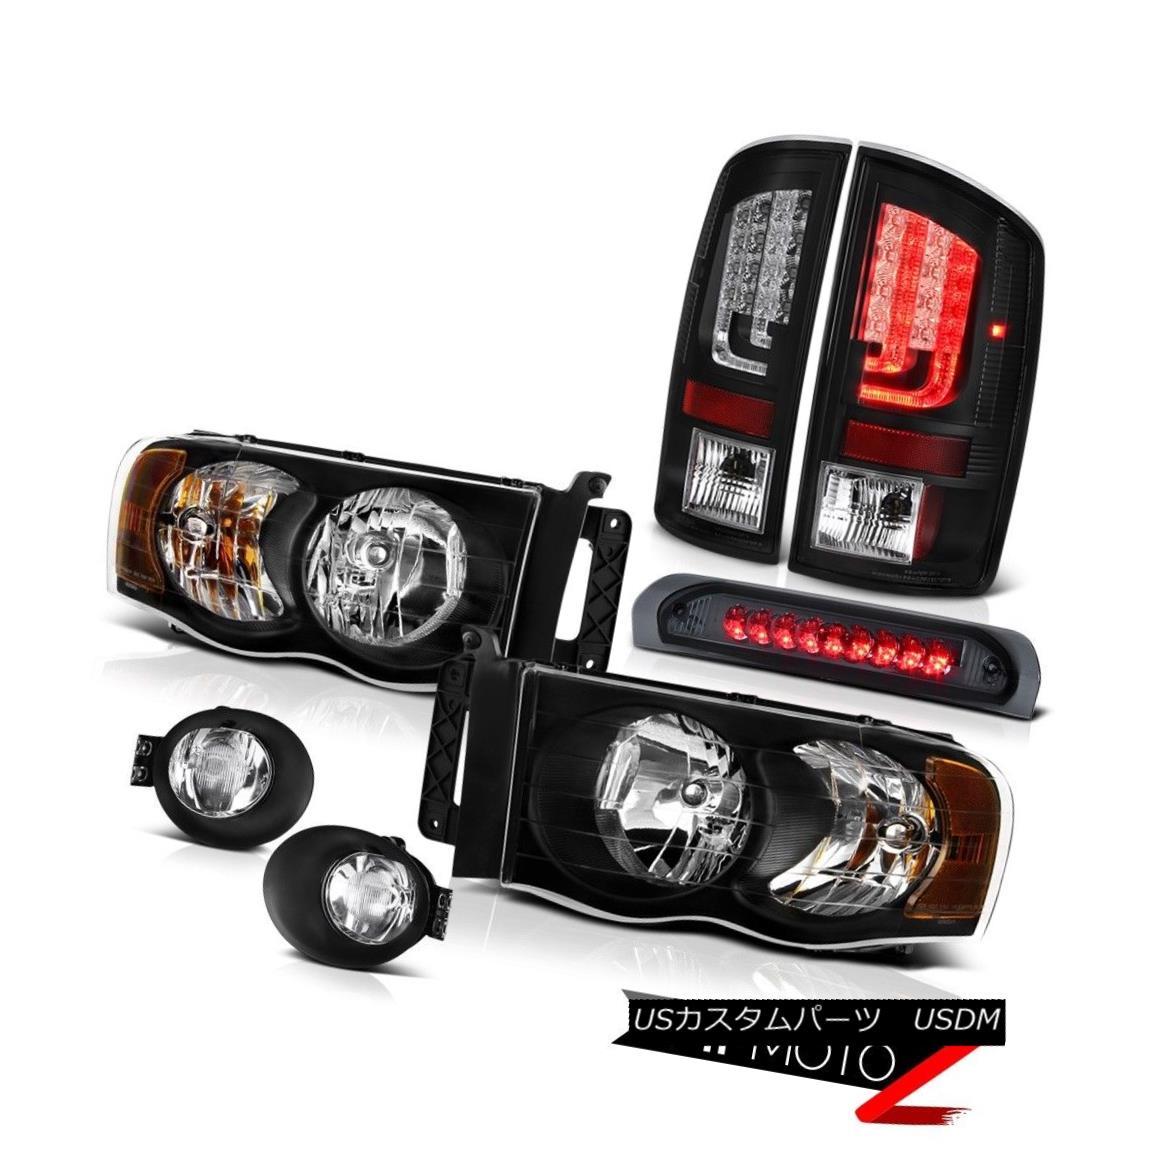 テールライト 02-05 Dodge Ram 1500 2500 SLT Rear Brake Lamps Foglamps Headlamps High STop Lamp 02-05 Dodge Ram 1500 2500 SLTリアブレーキランプフォグランプヘッドランプハイSTOPランプ